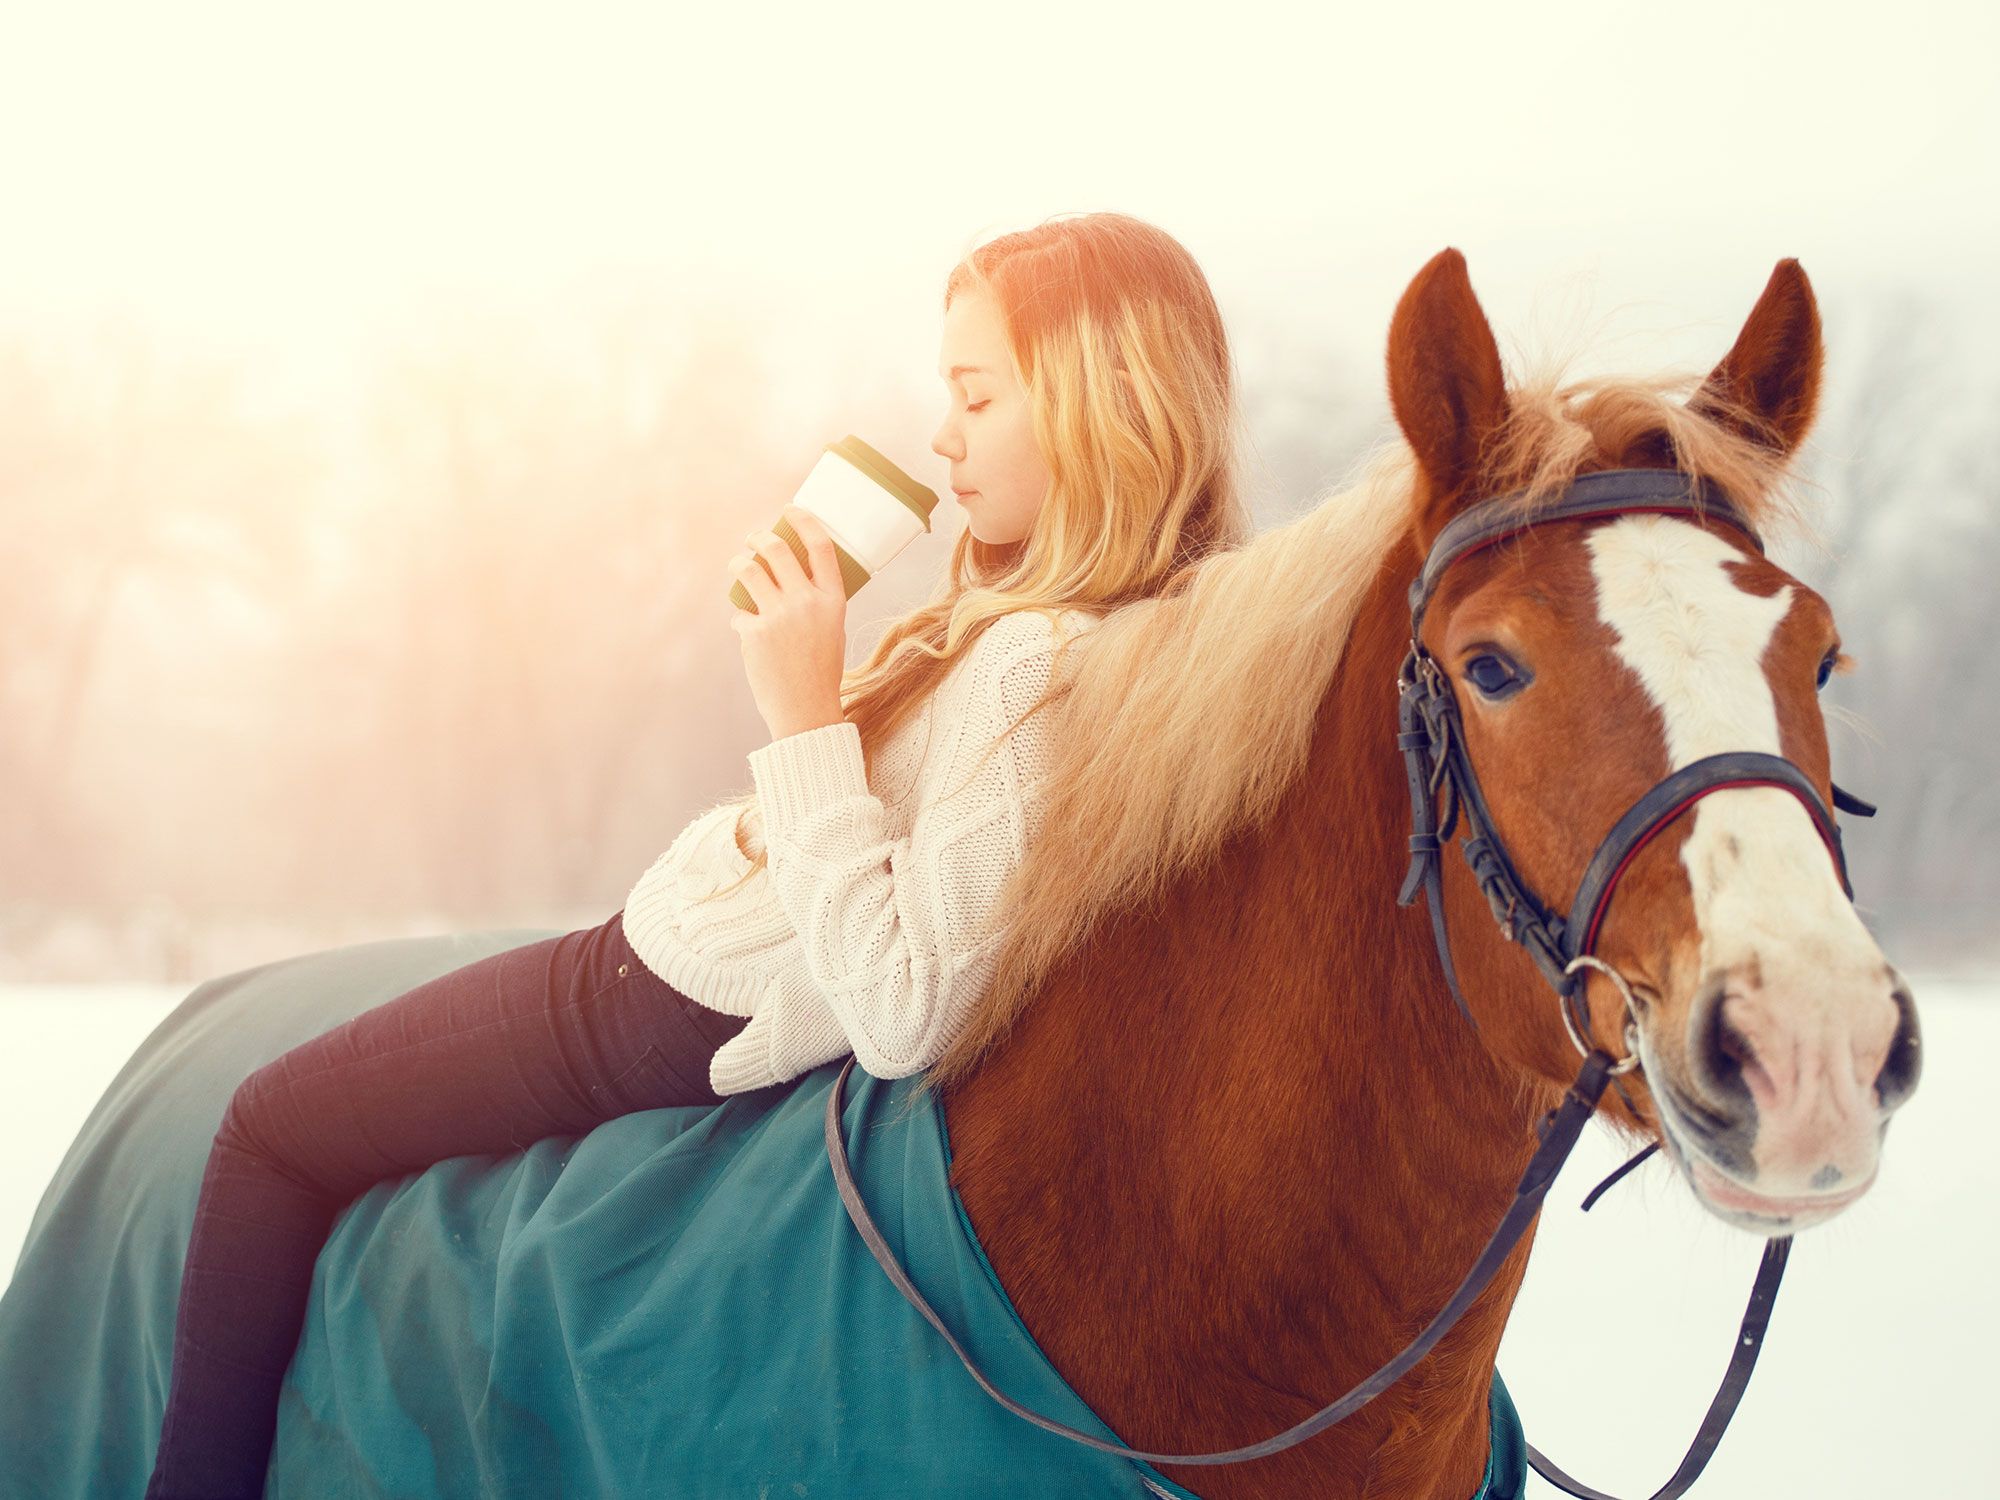 starbucks-drive-through-on-horseback.jpg